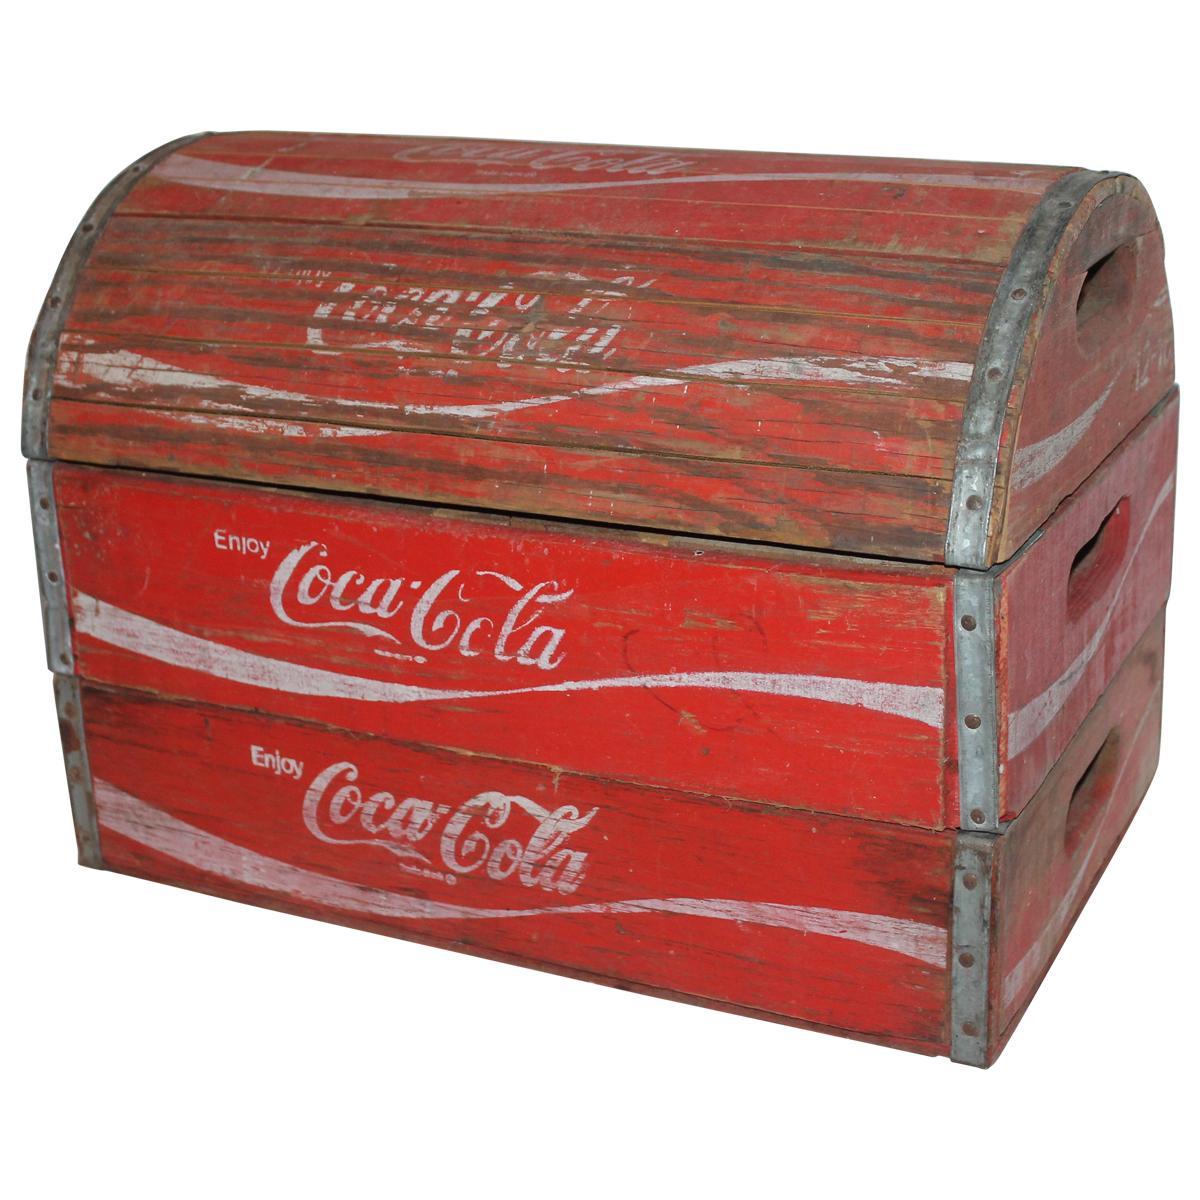 Rustic 20th Century Coca-Cola Trunk